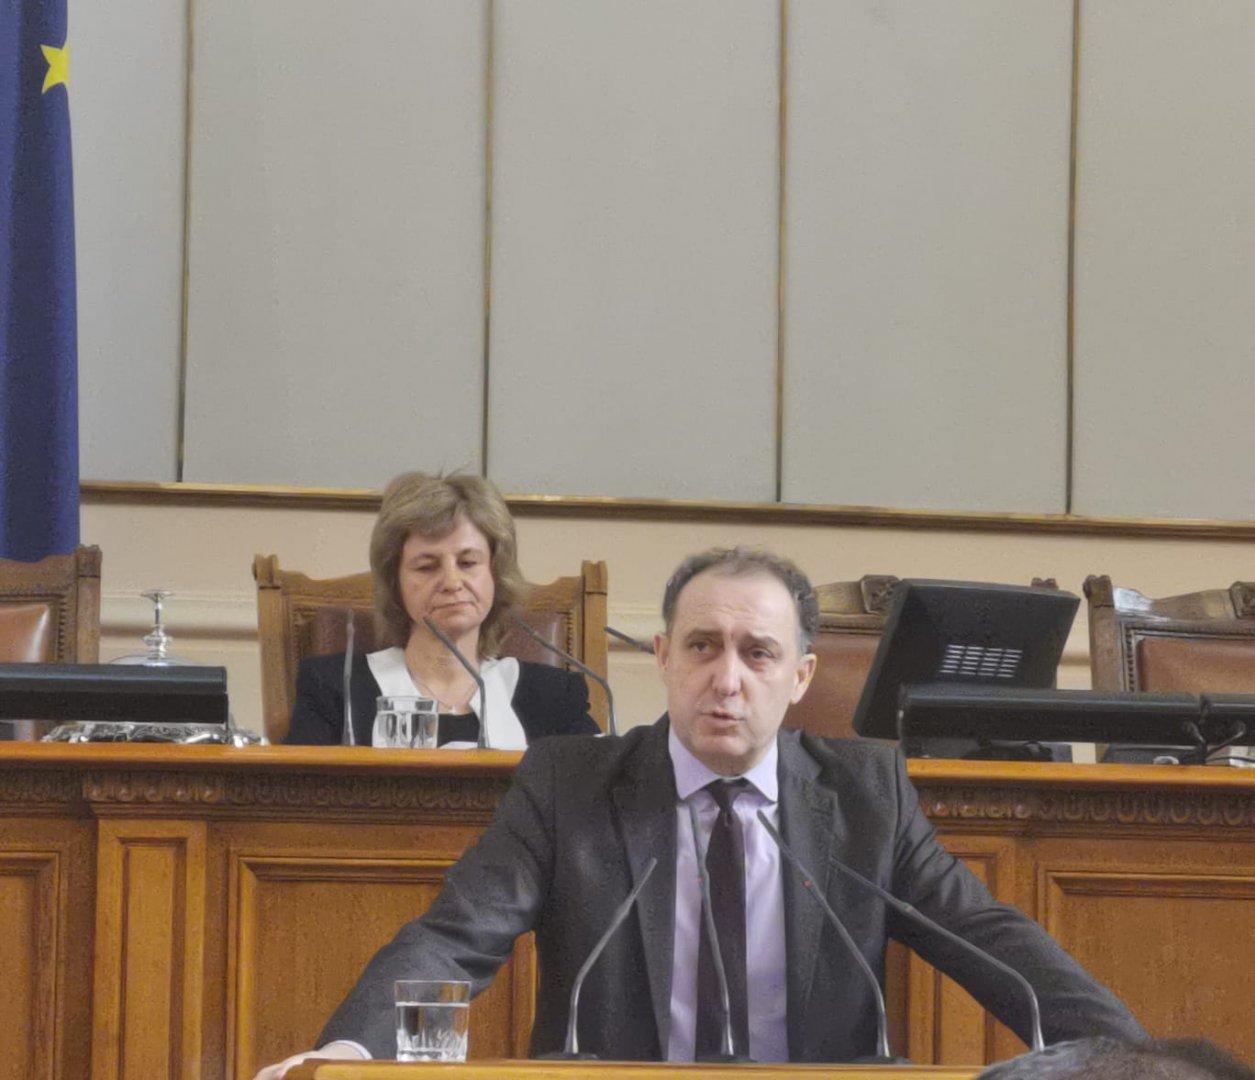 Промените се отнасят за Четвъртия железопътен пакет, заяви Вълков